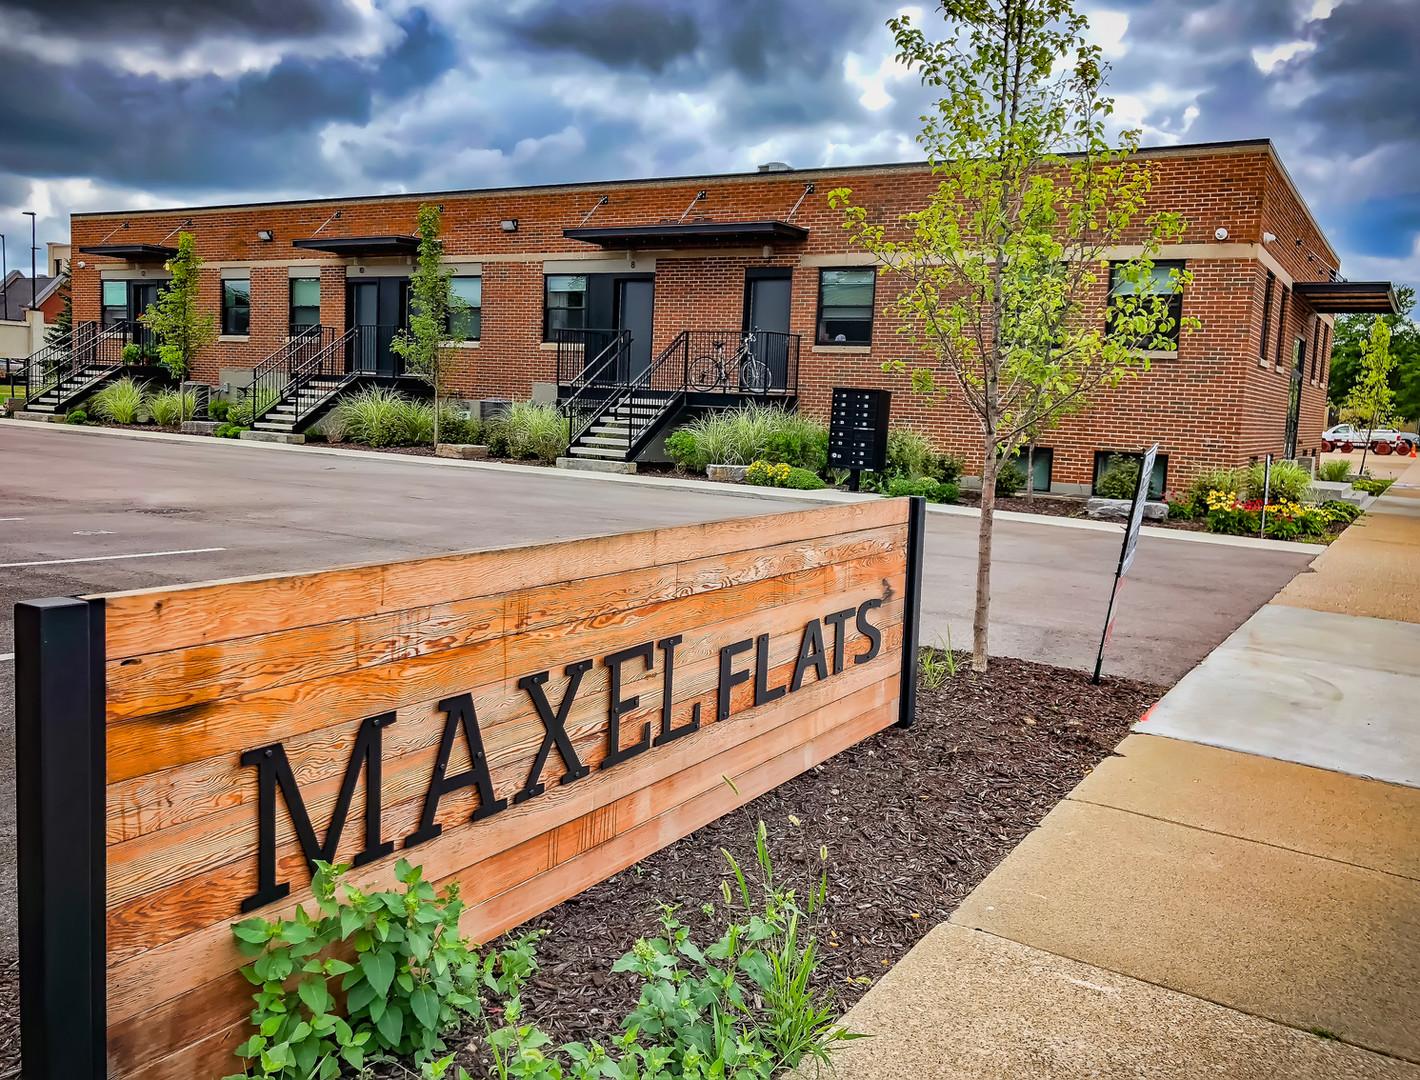 Maxwell Flats